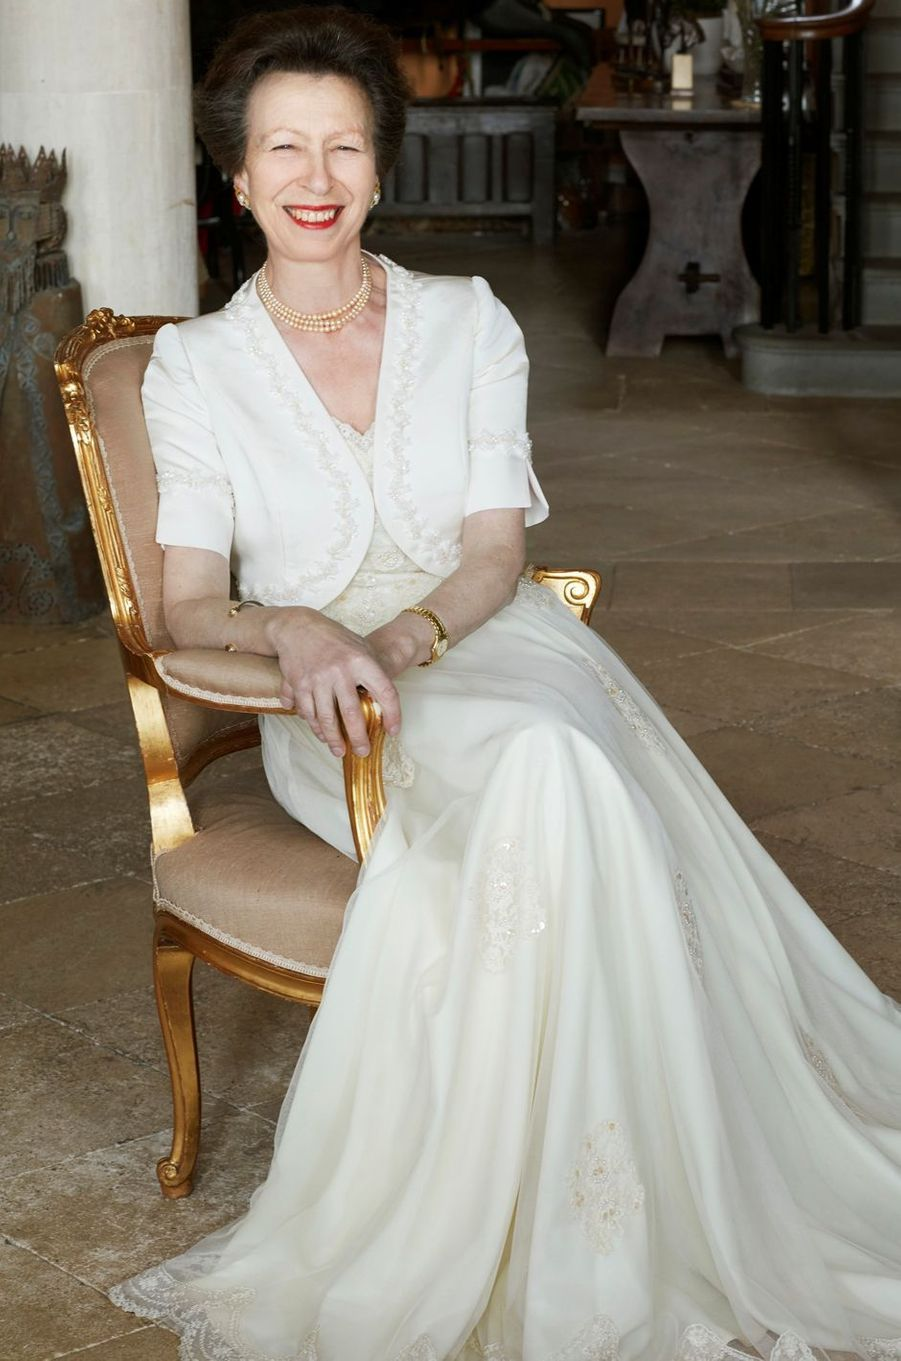 L'un des trois portraits officiels des 70 ans de la princesse Anne, par John Swannell, pris fin février 2020 et dévoilé le 14 août 2020